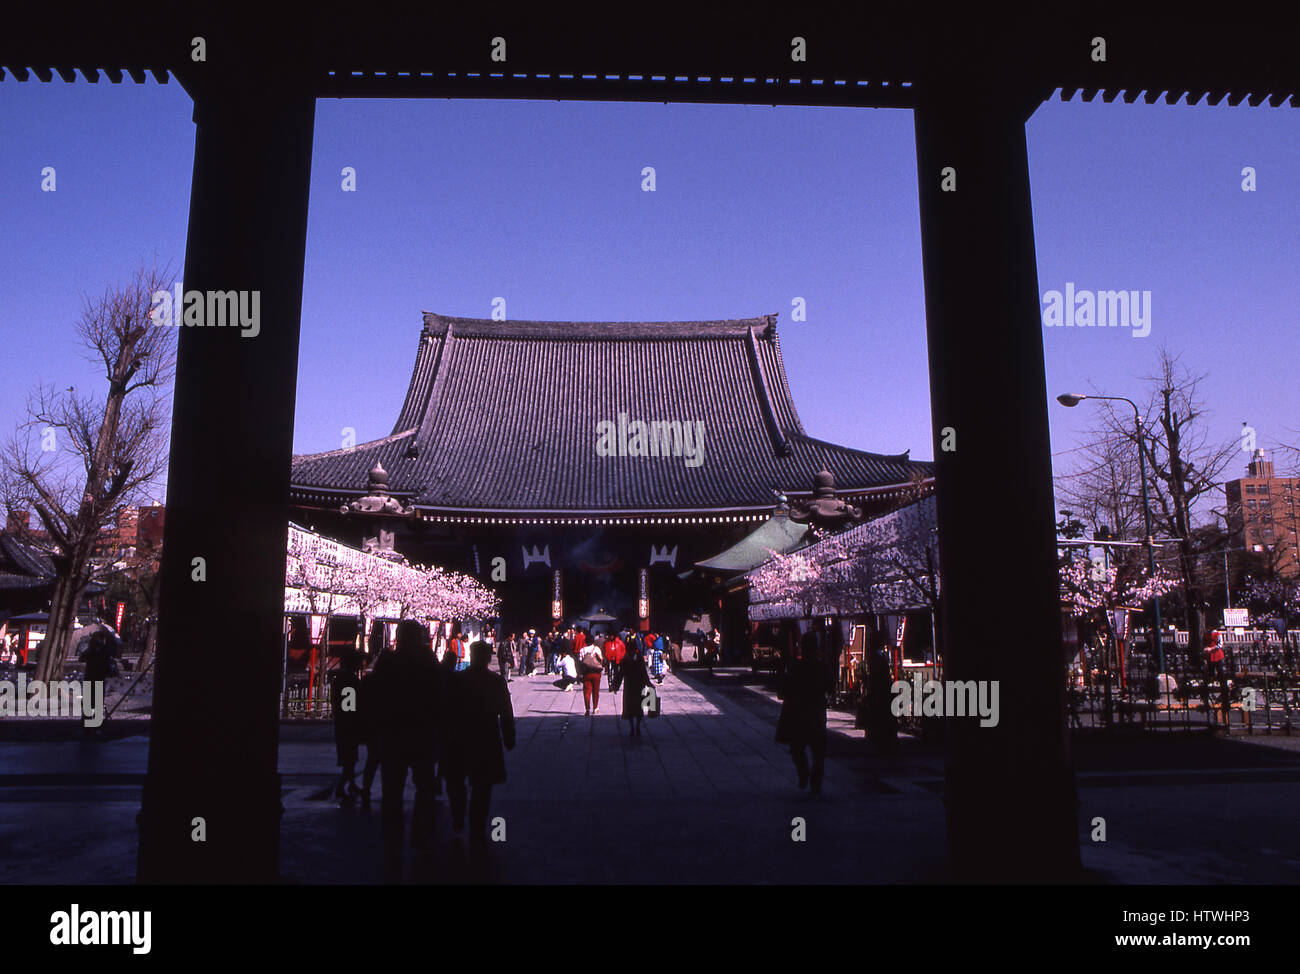 Vista del templo de Asakusa Kanon en la sección de Asakusa de Tokio, Japón. Es el más antiguo y famoso Imagen De Stock